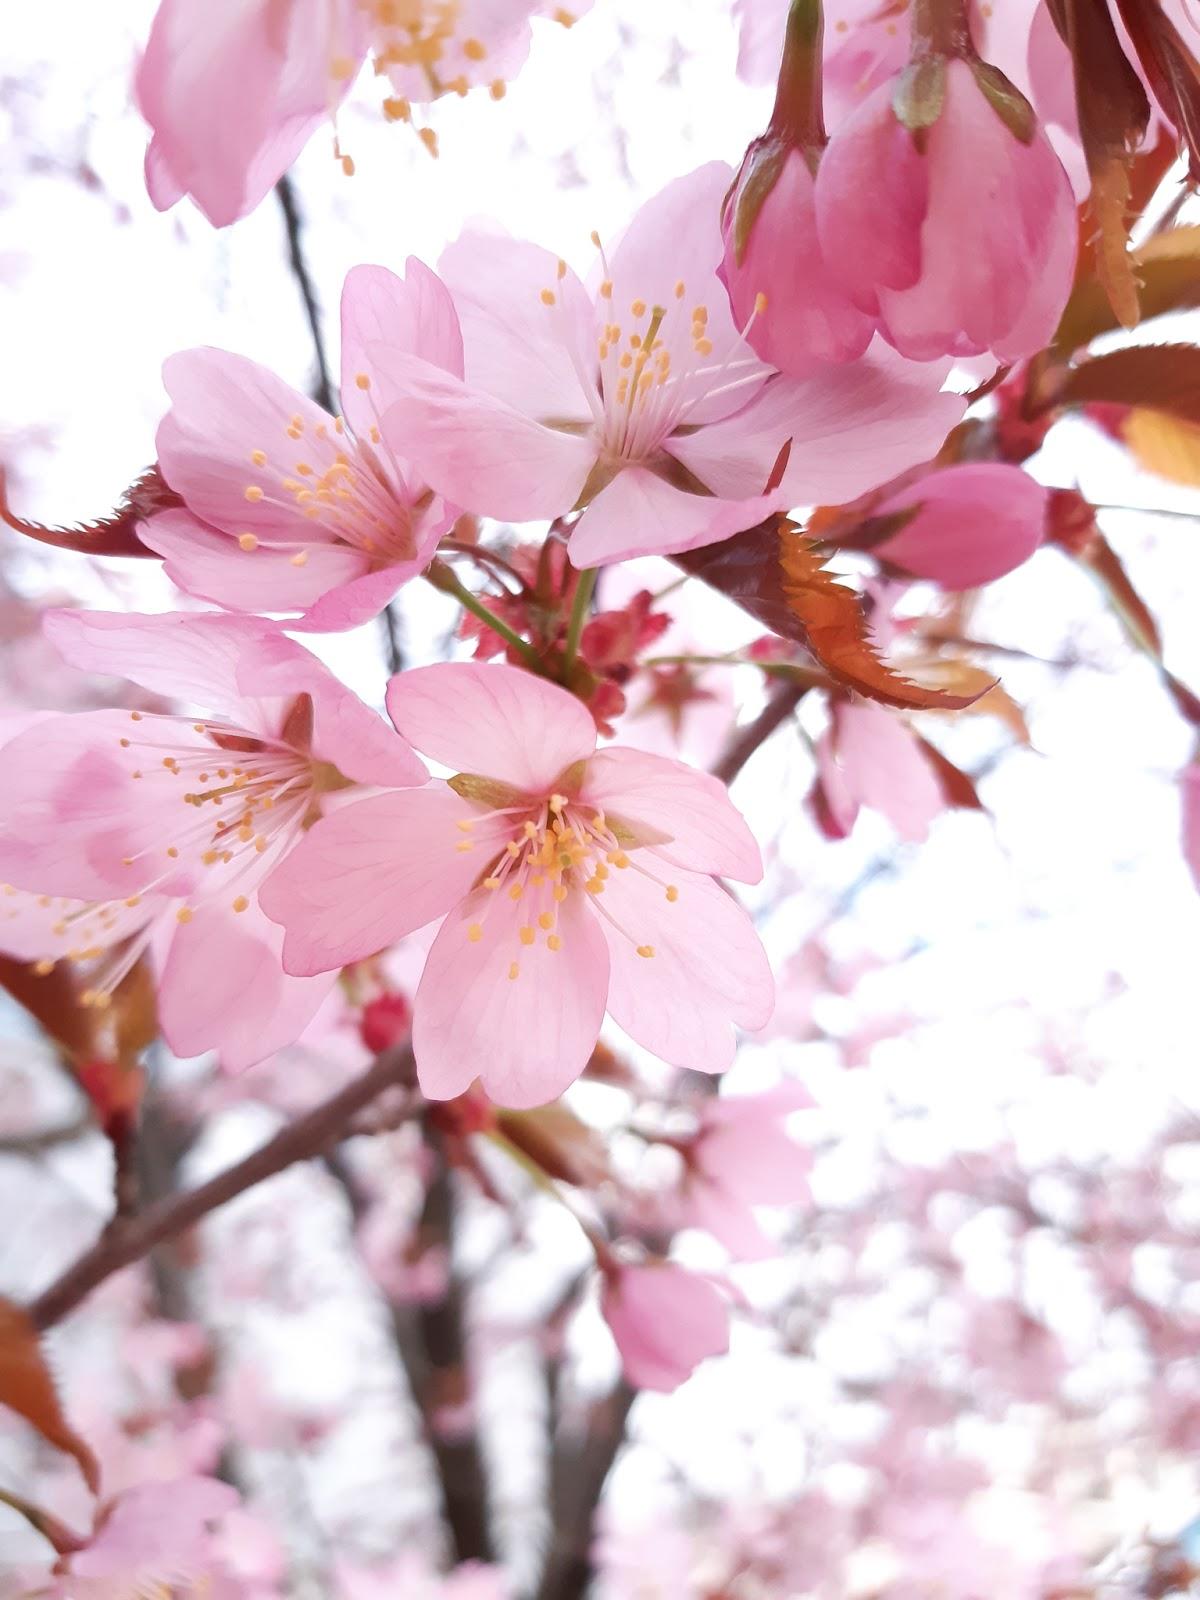 Lisää kirsikankukkia ja opintokuulumisia